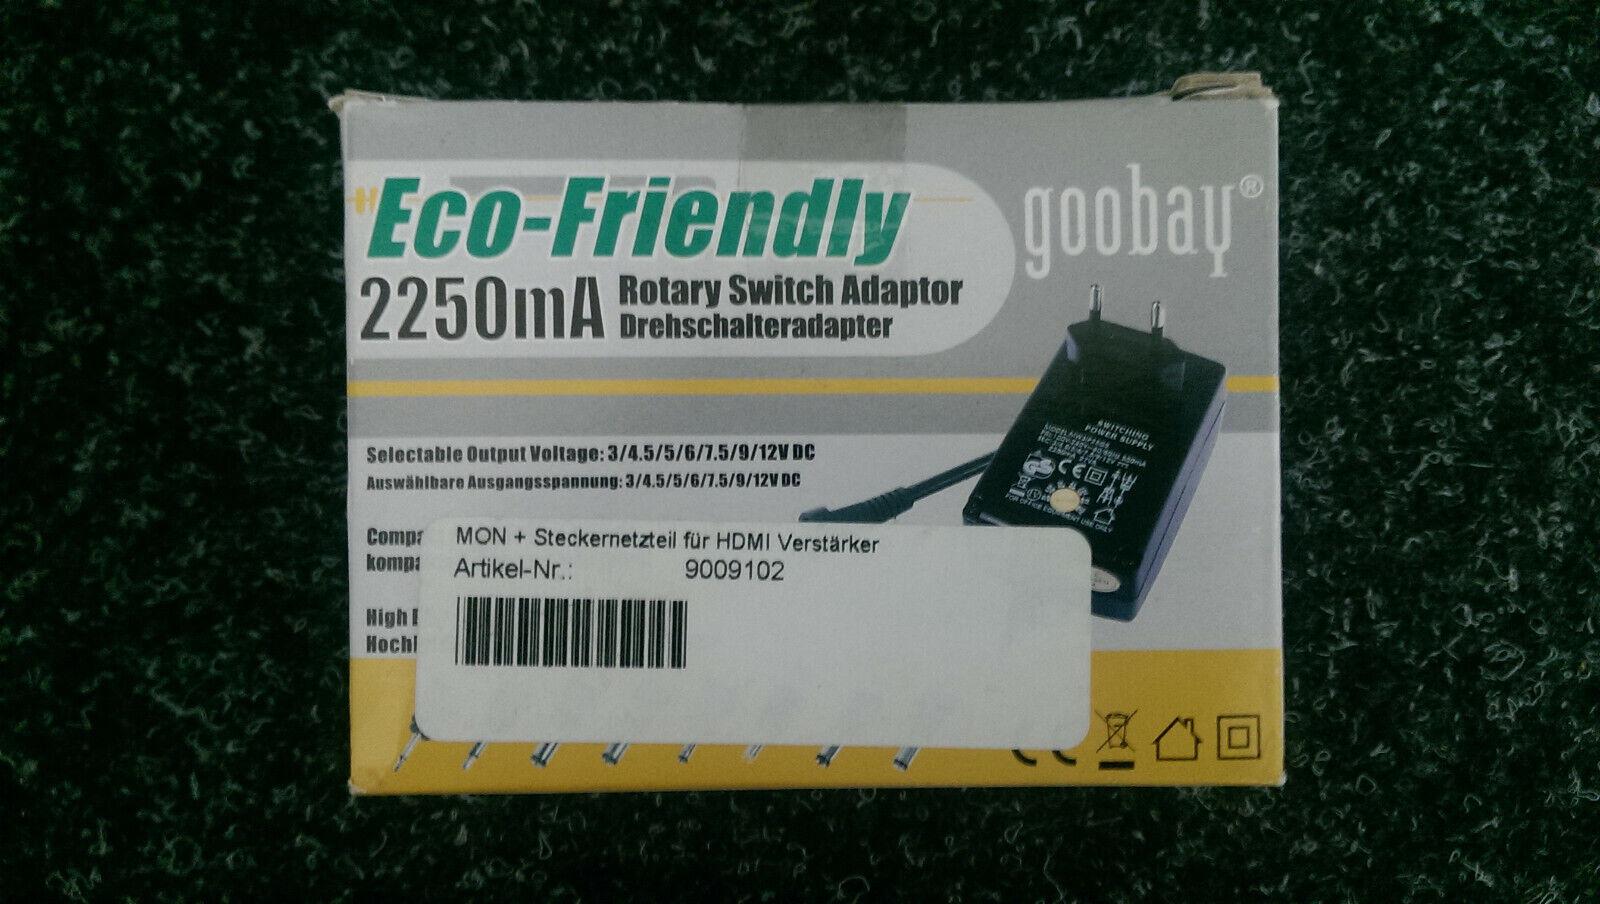 Universal-Netzteil Basic 3V-12V 2,25A 27W 8xDC-Adapter schwarz 1,8m